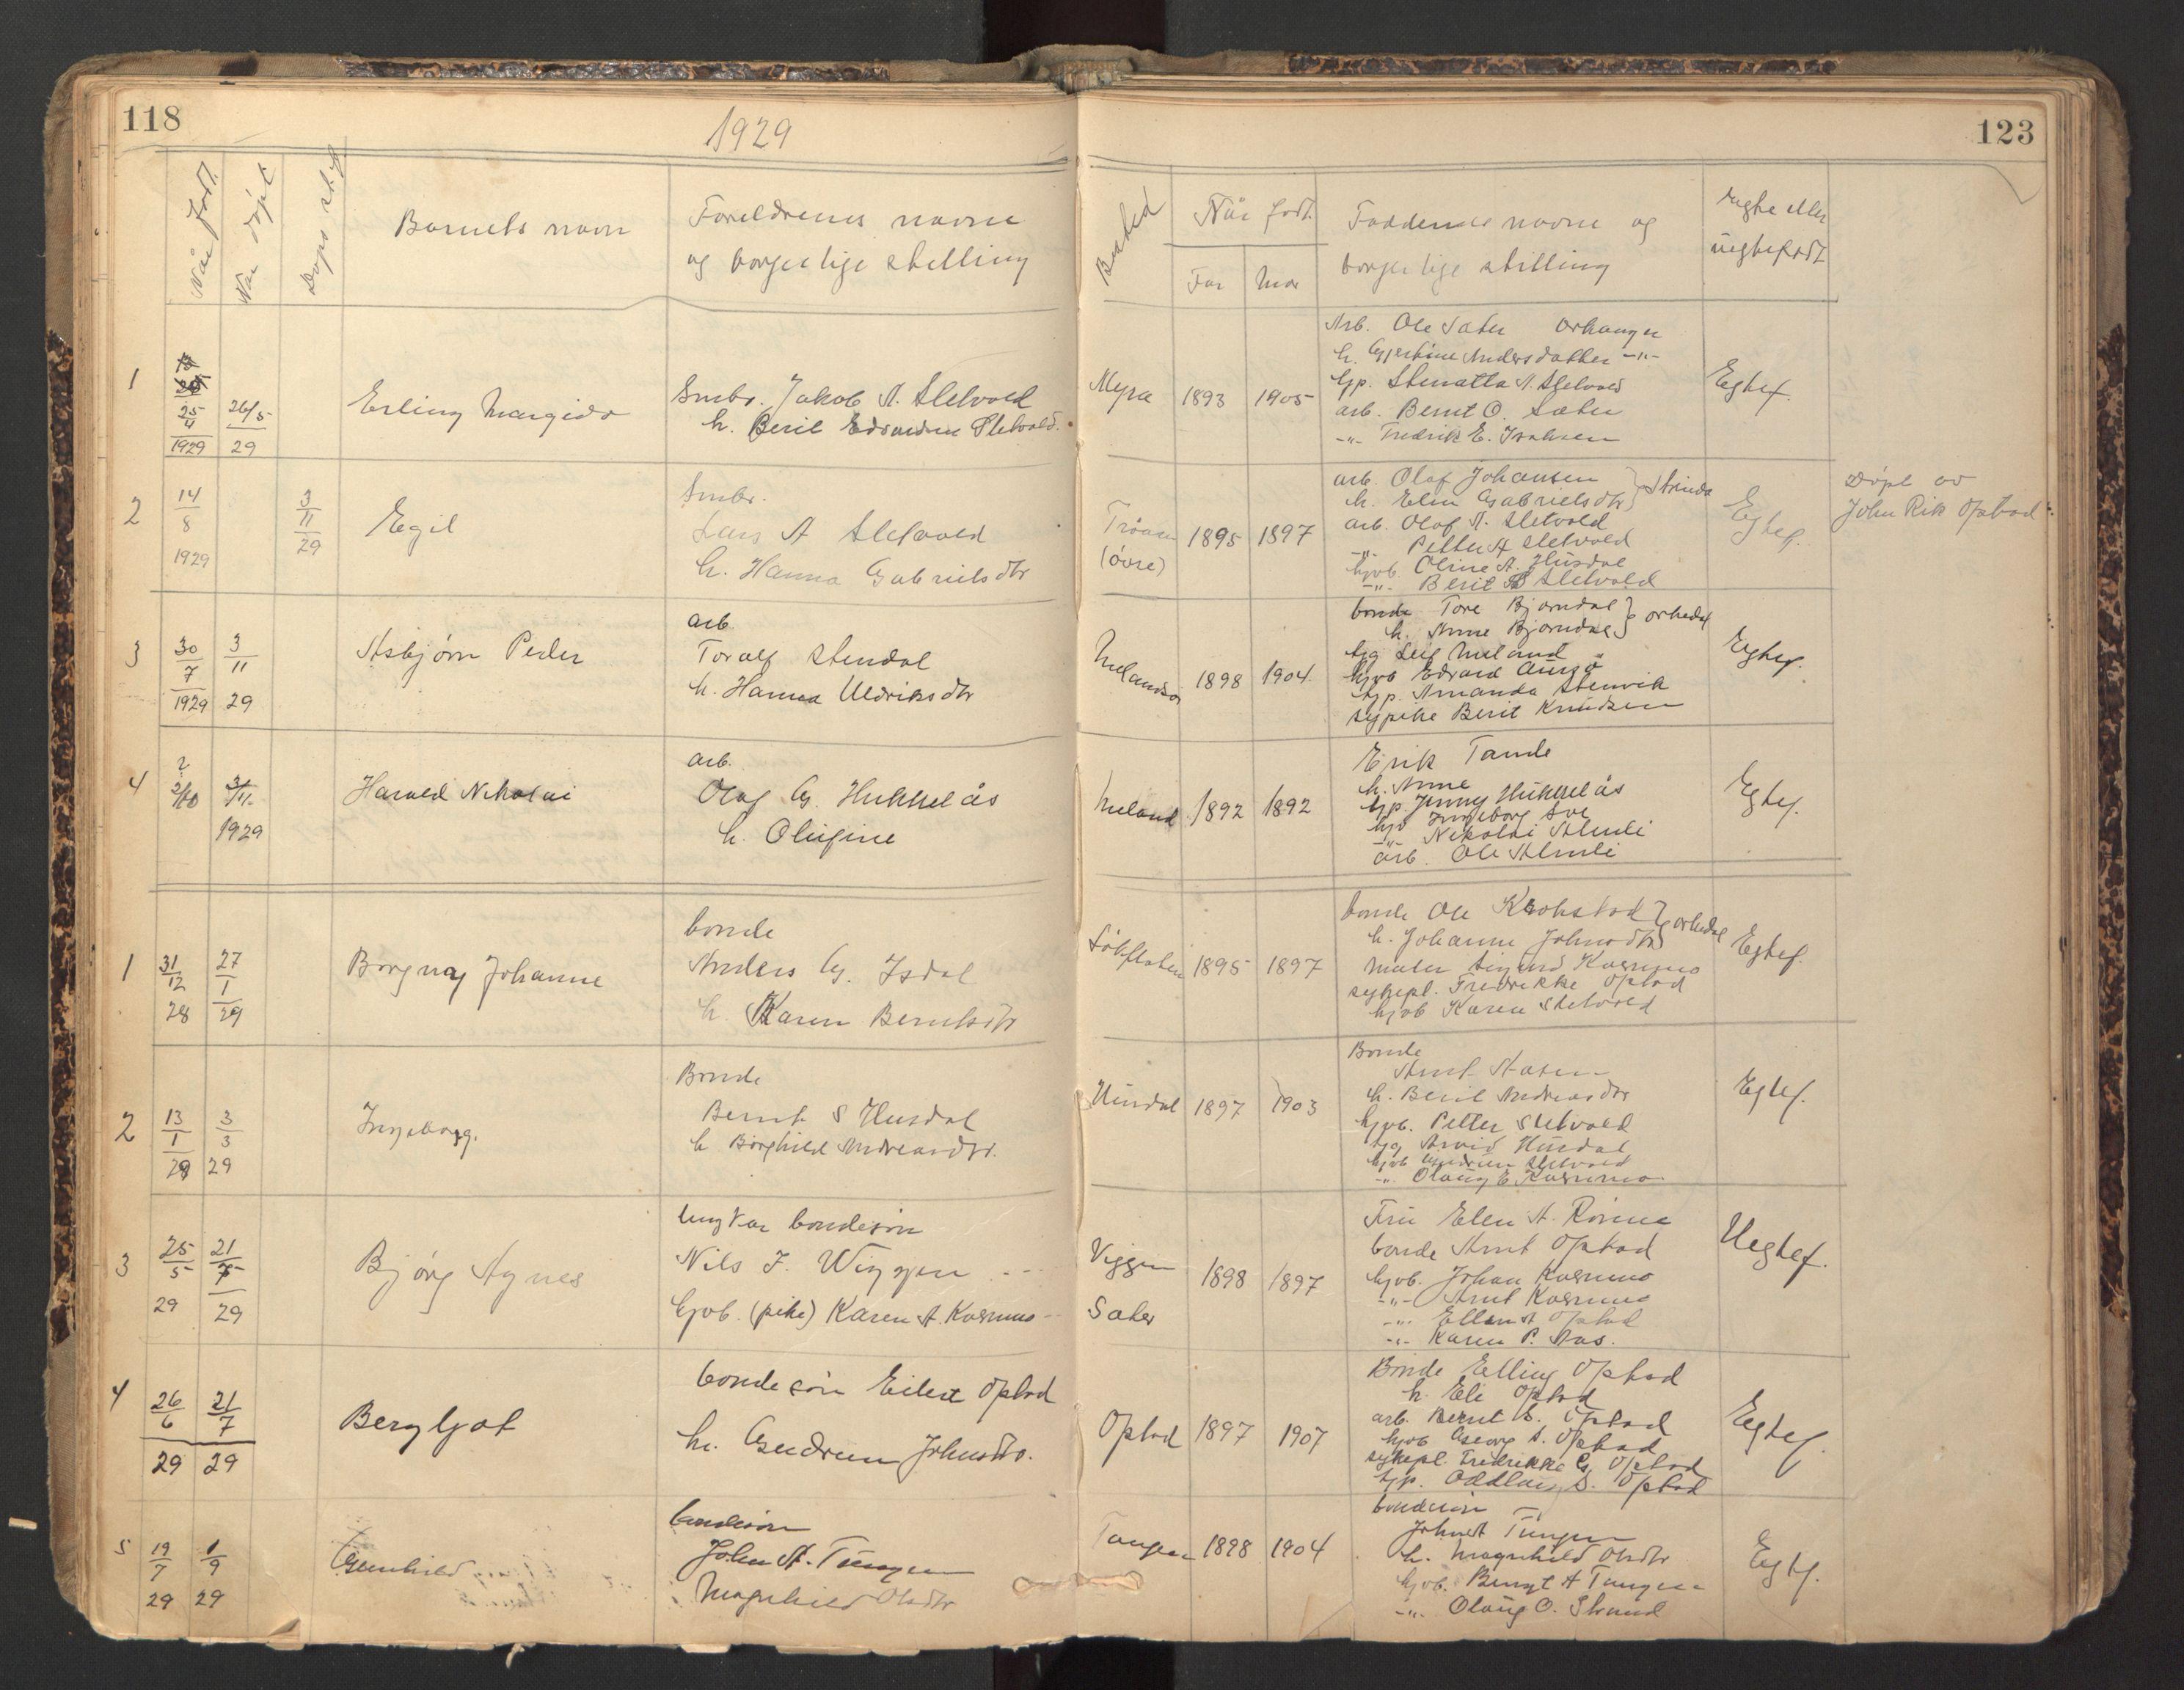 SAT, Ministerialprotokoller, klokkerbøker og fødselsregistre - Sør-Trøndelag, 670/L0837: Klokkerbok nr. 670C01, 1905-1946, s. 122-123